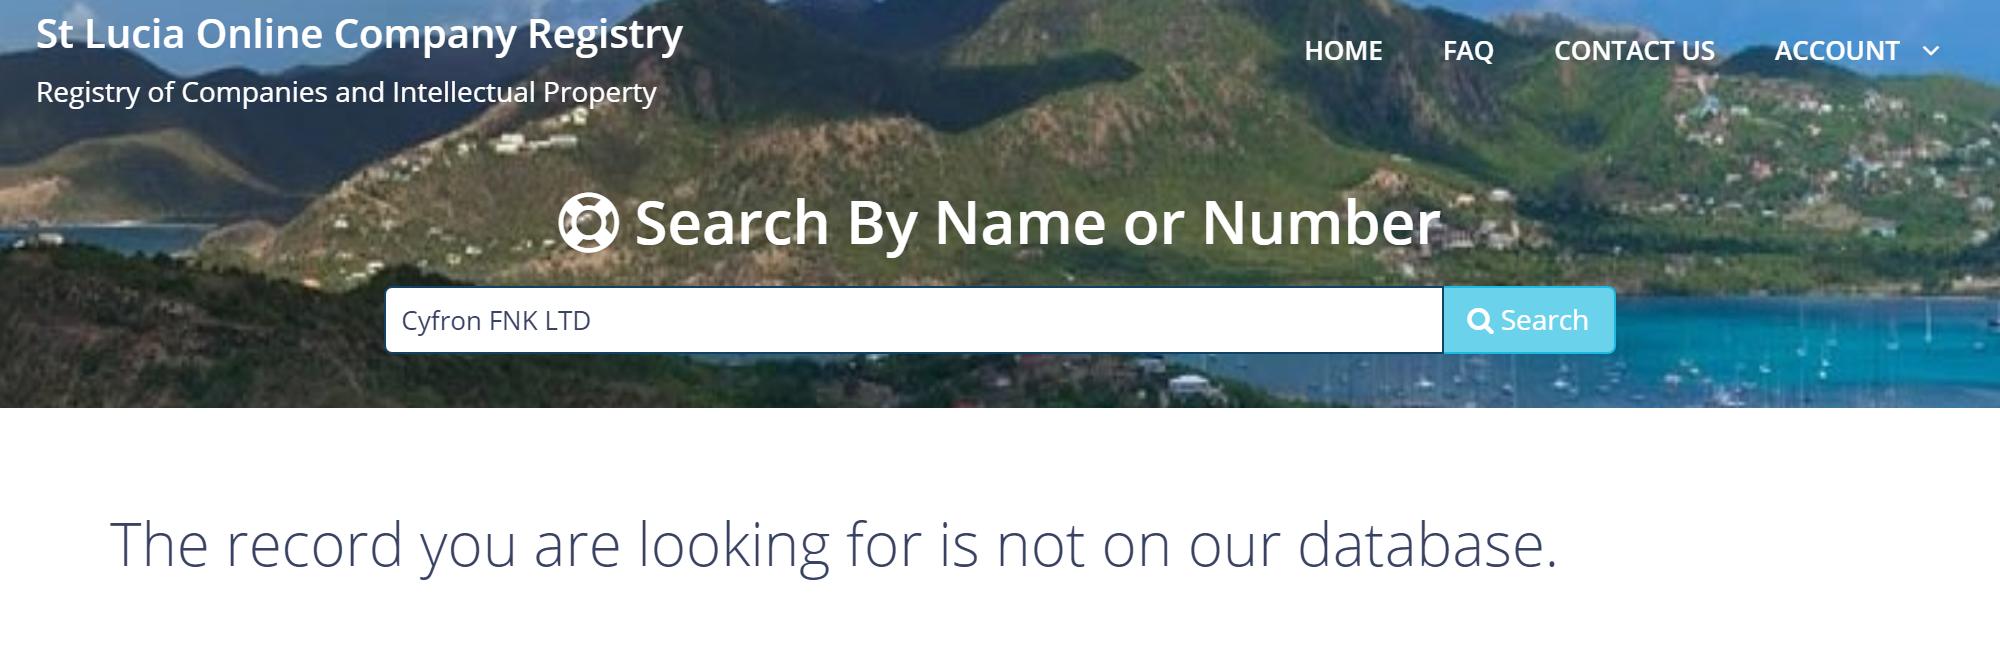 Поиск компании Cyfron FNK LTD в реестре компаний Сент-Люсии не дал результатов